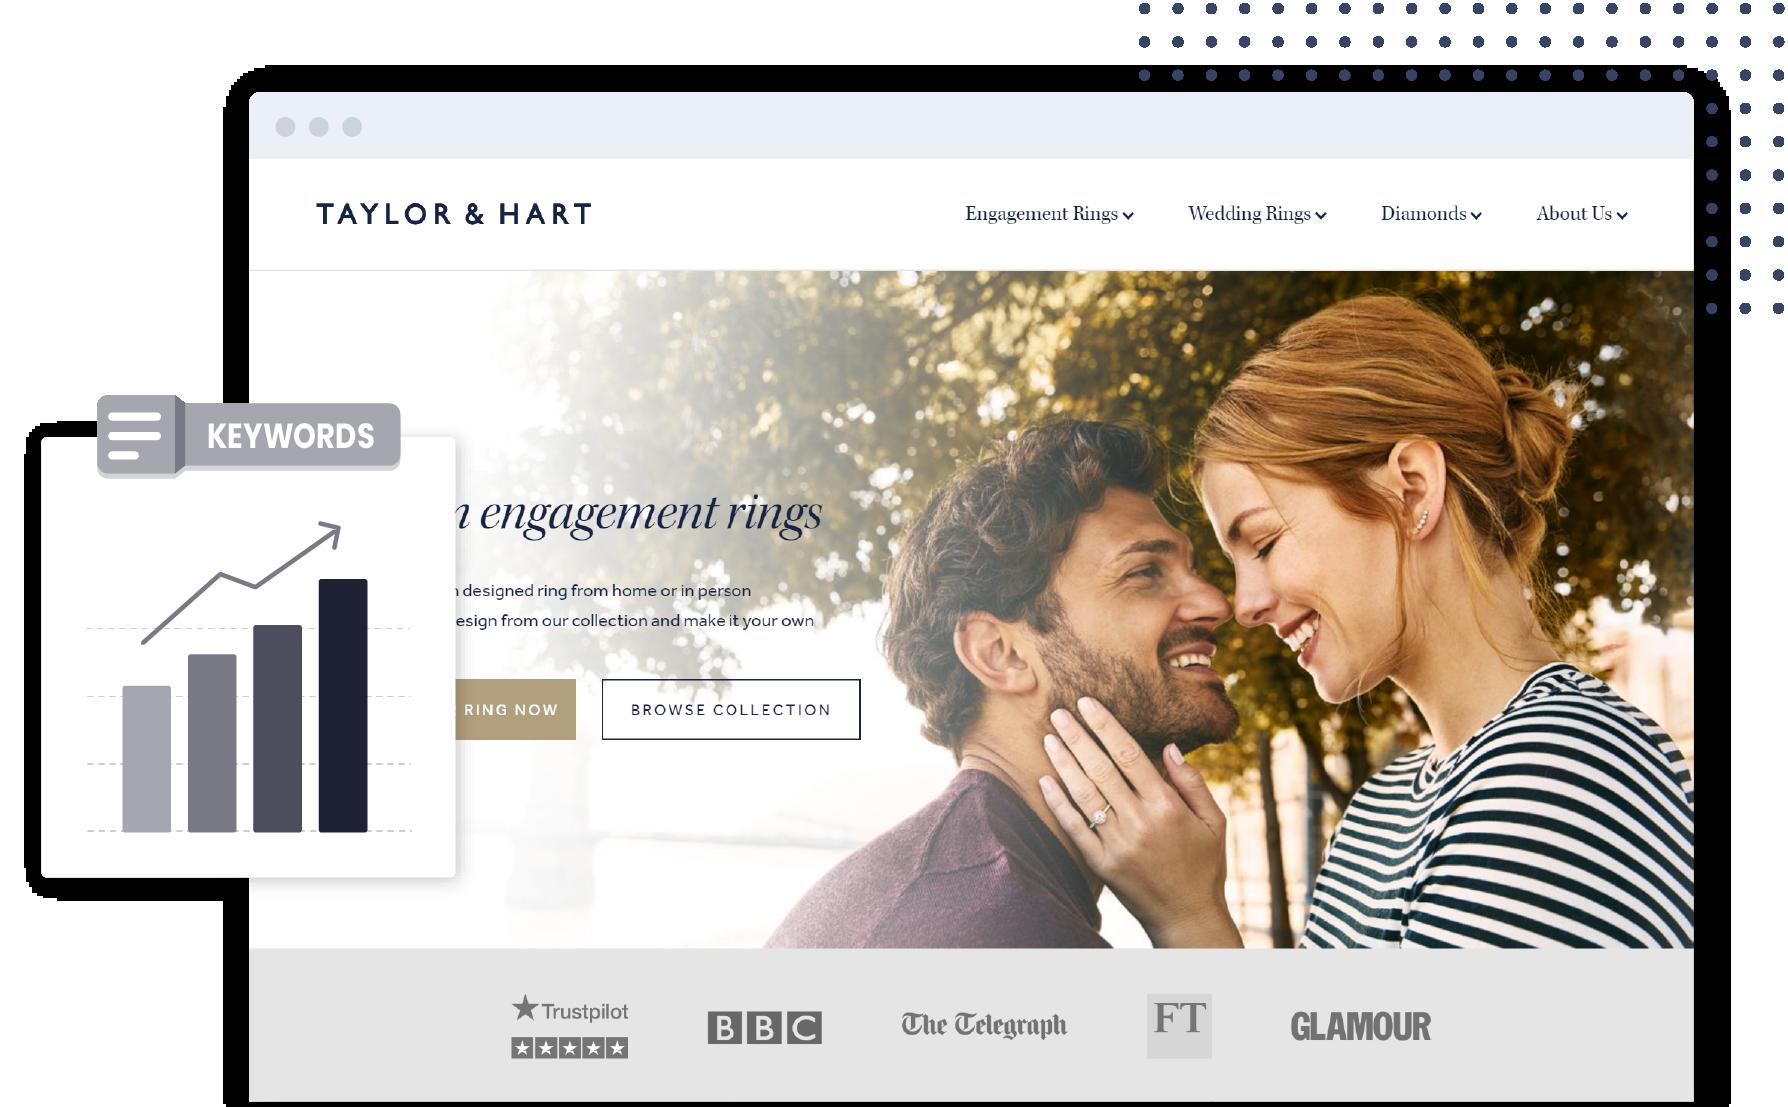 Taylor & Hart